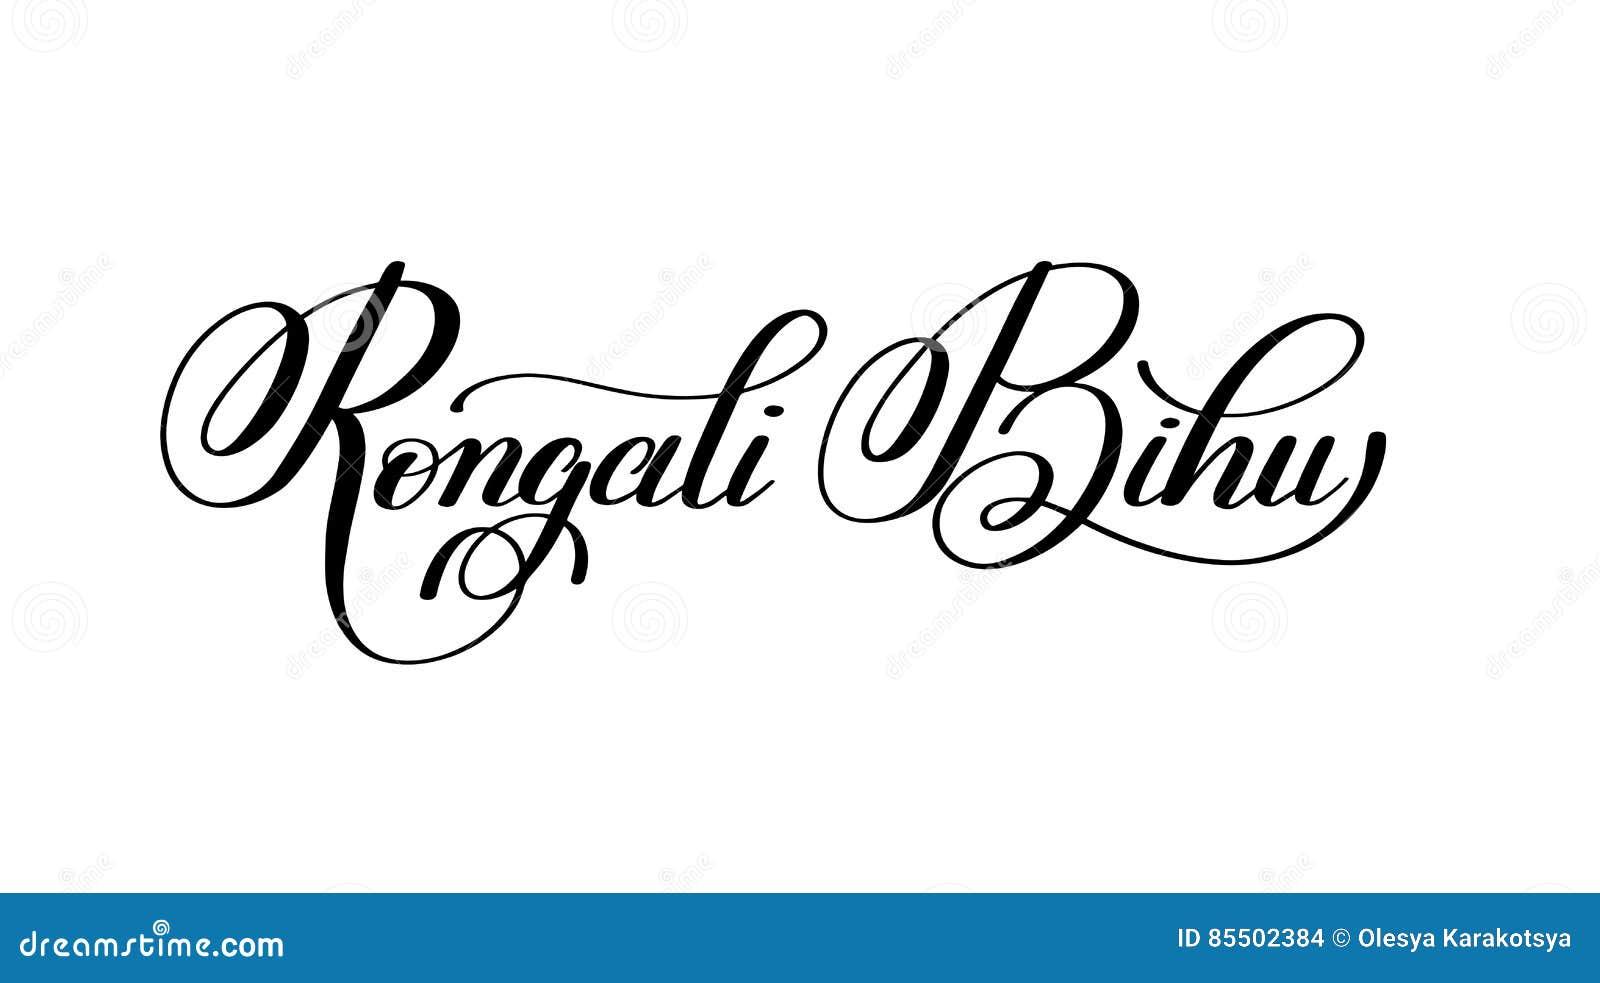 Rongali Bihu Wallpaper Free Download Laserlego